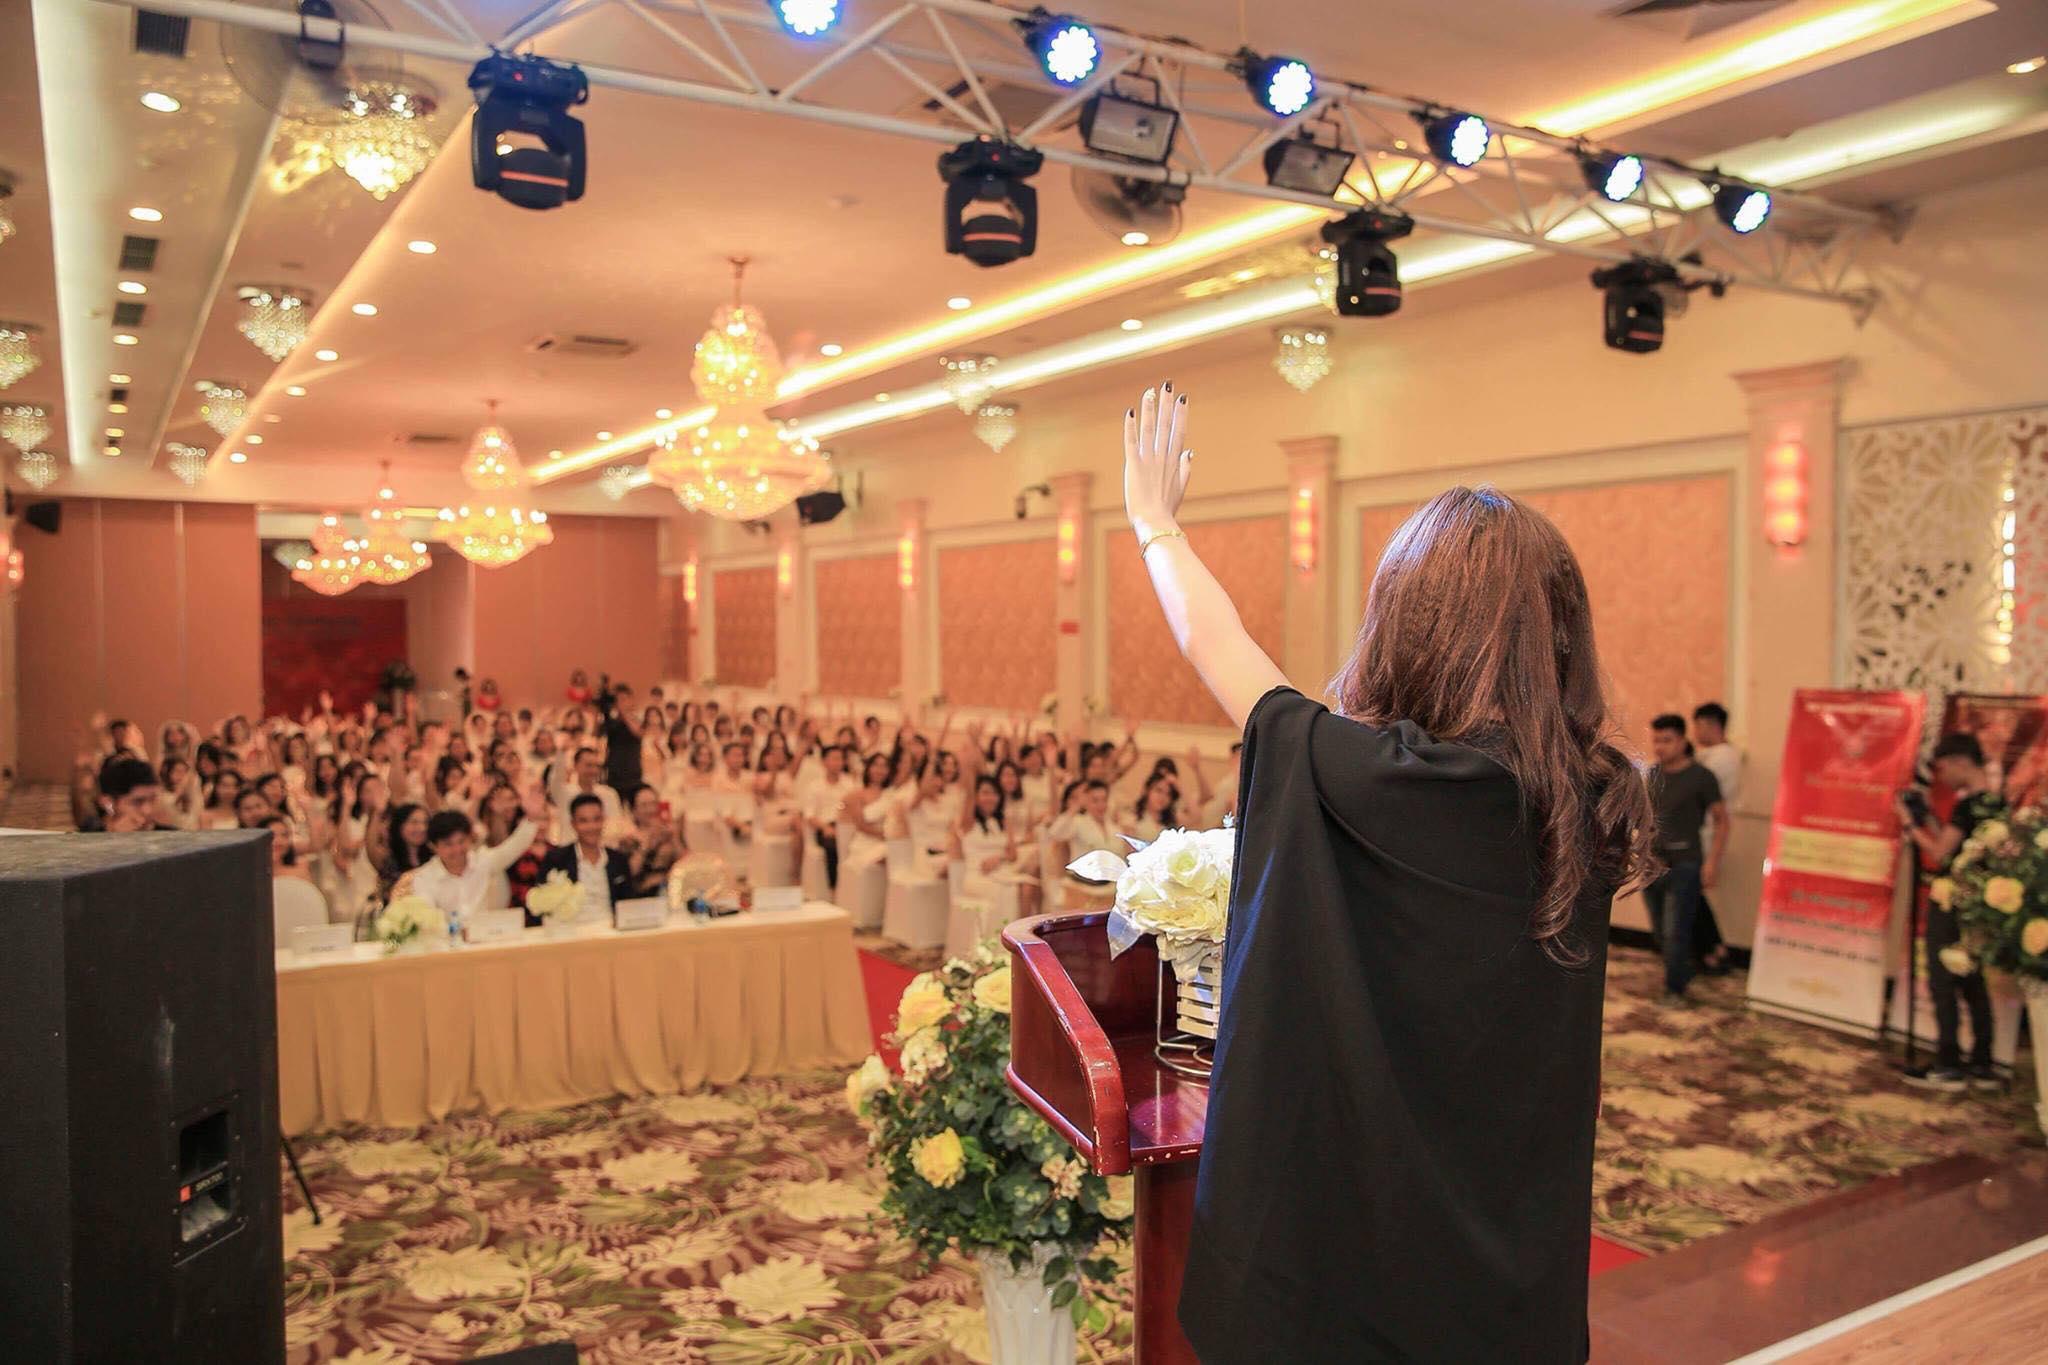 Lương Hoài Thương- CEO Thương Hiệu Mỹ Phẩm Roza-Một trong số ít doanh nhân trẻ sở hữu doanh nghiệp riêng sau khi tốt nghiệp đại học - Ảnh 2